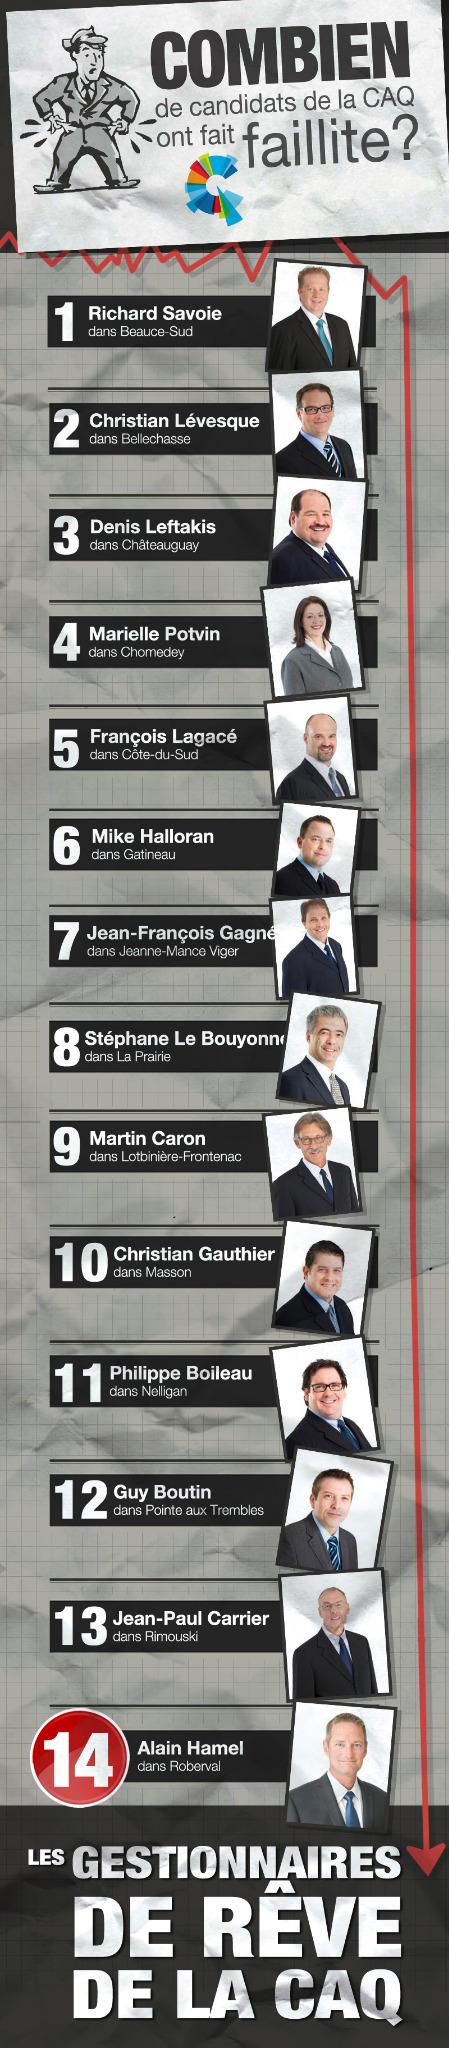 Liste des candidats de la CAQ ayant fait faillite